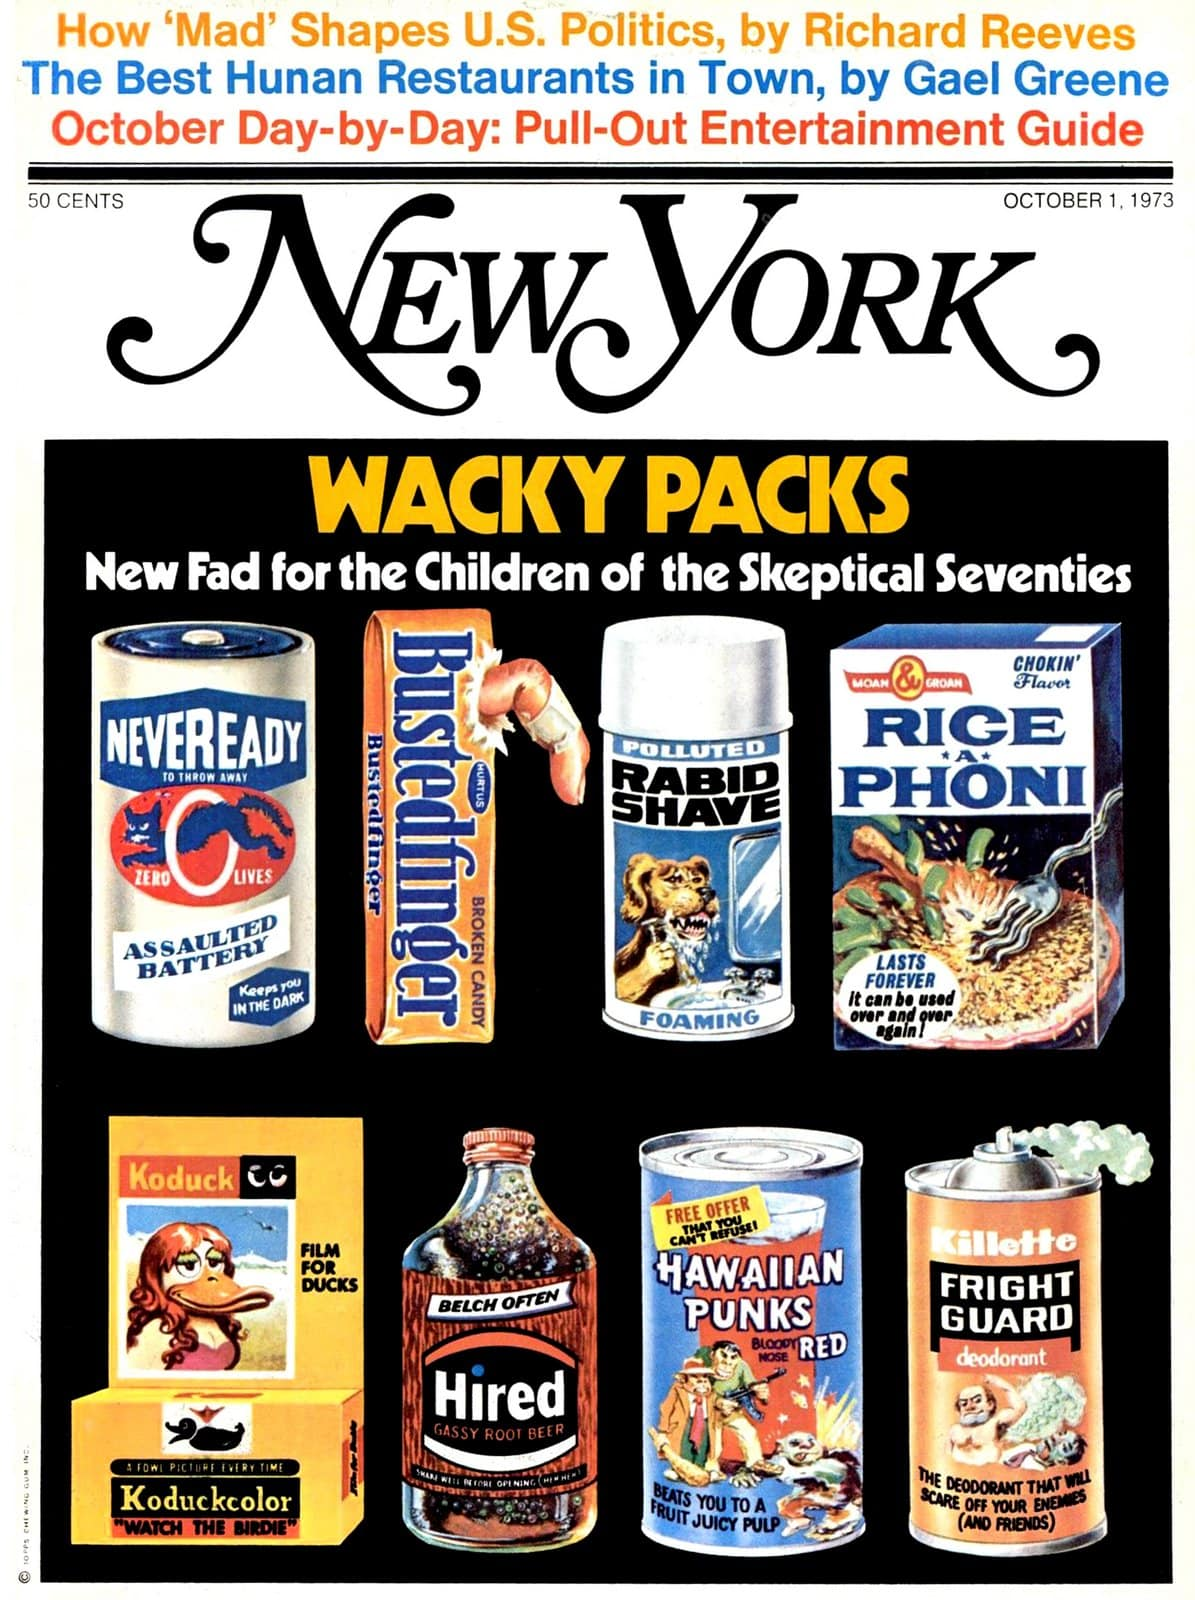 New York Magazine Wacky Packs cover (1973)